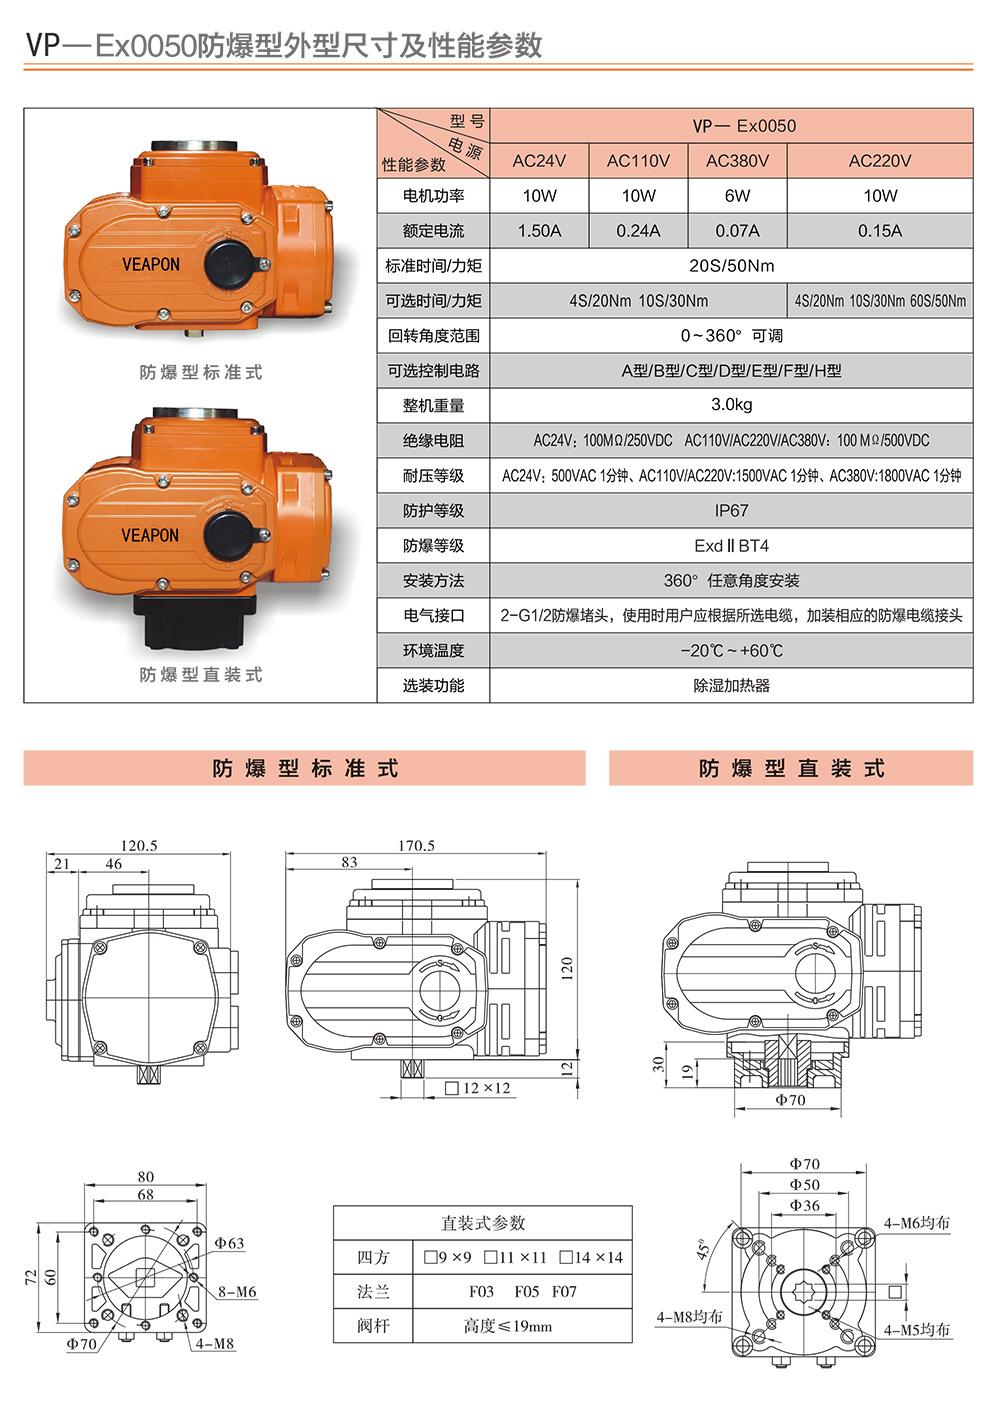 VEAPON防爆电动执行选型